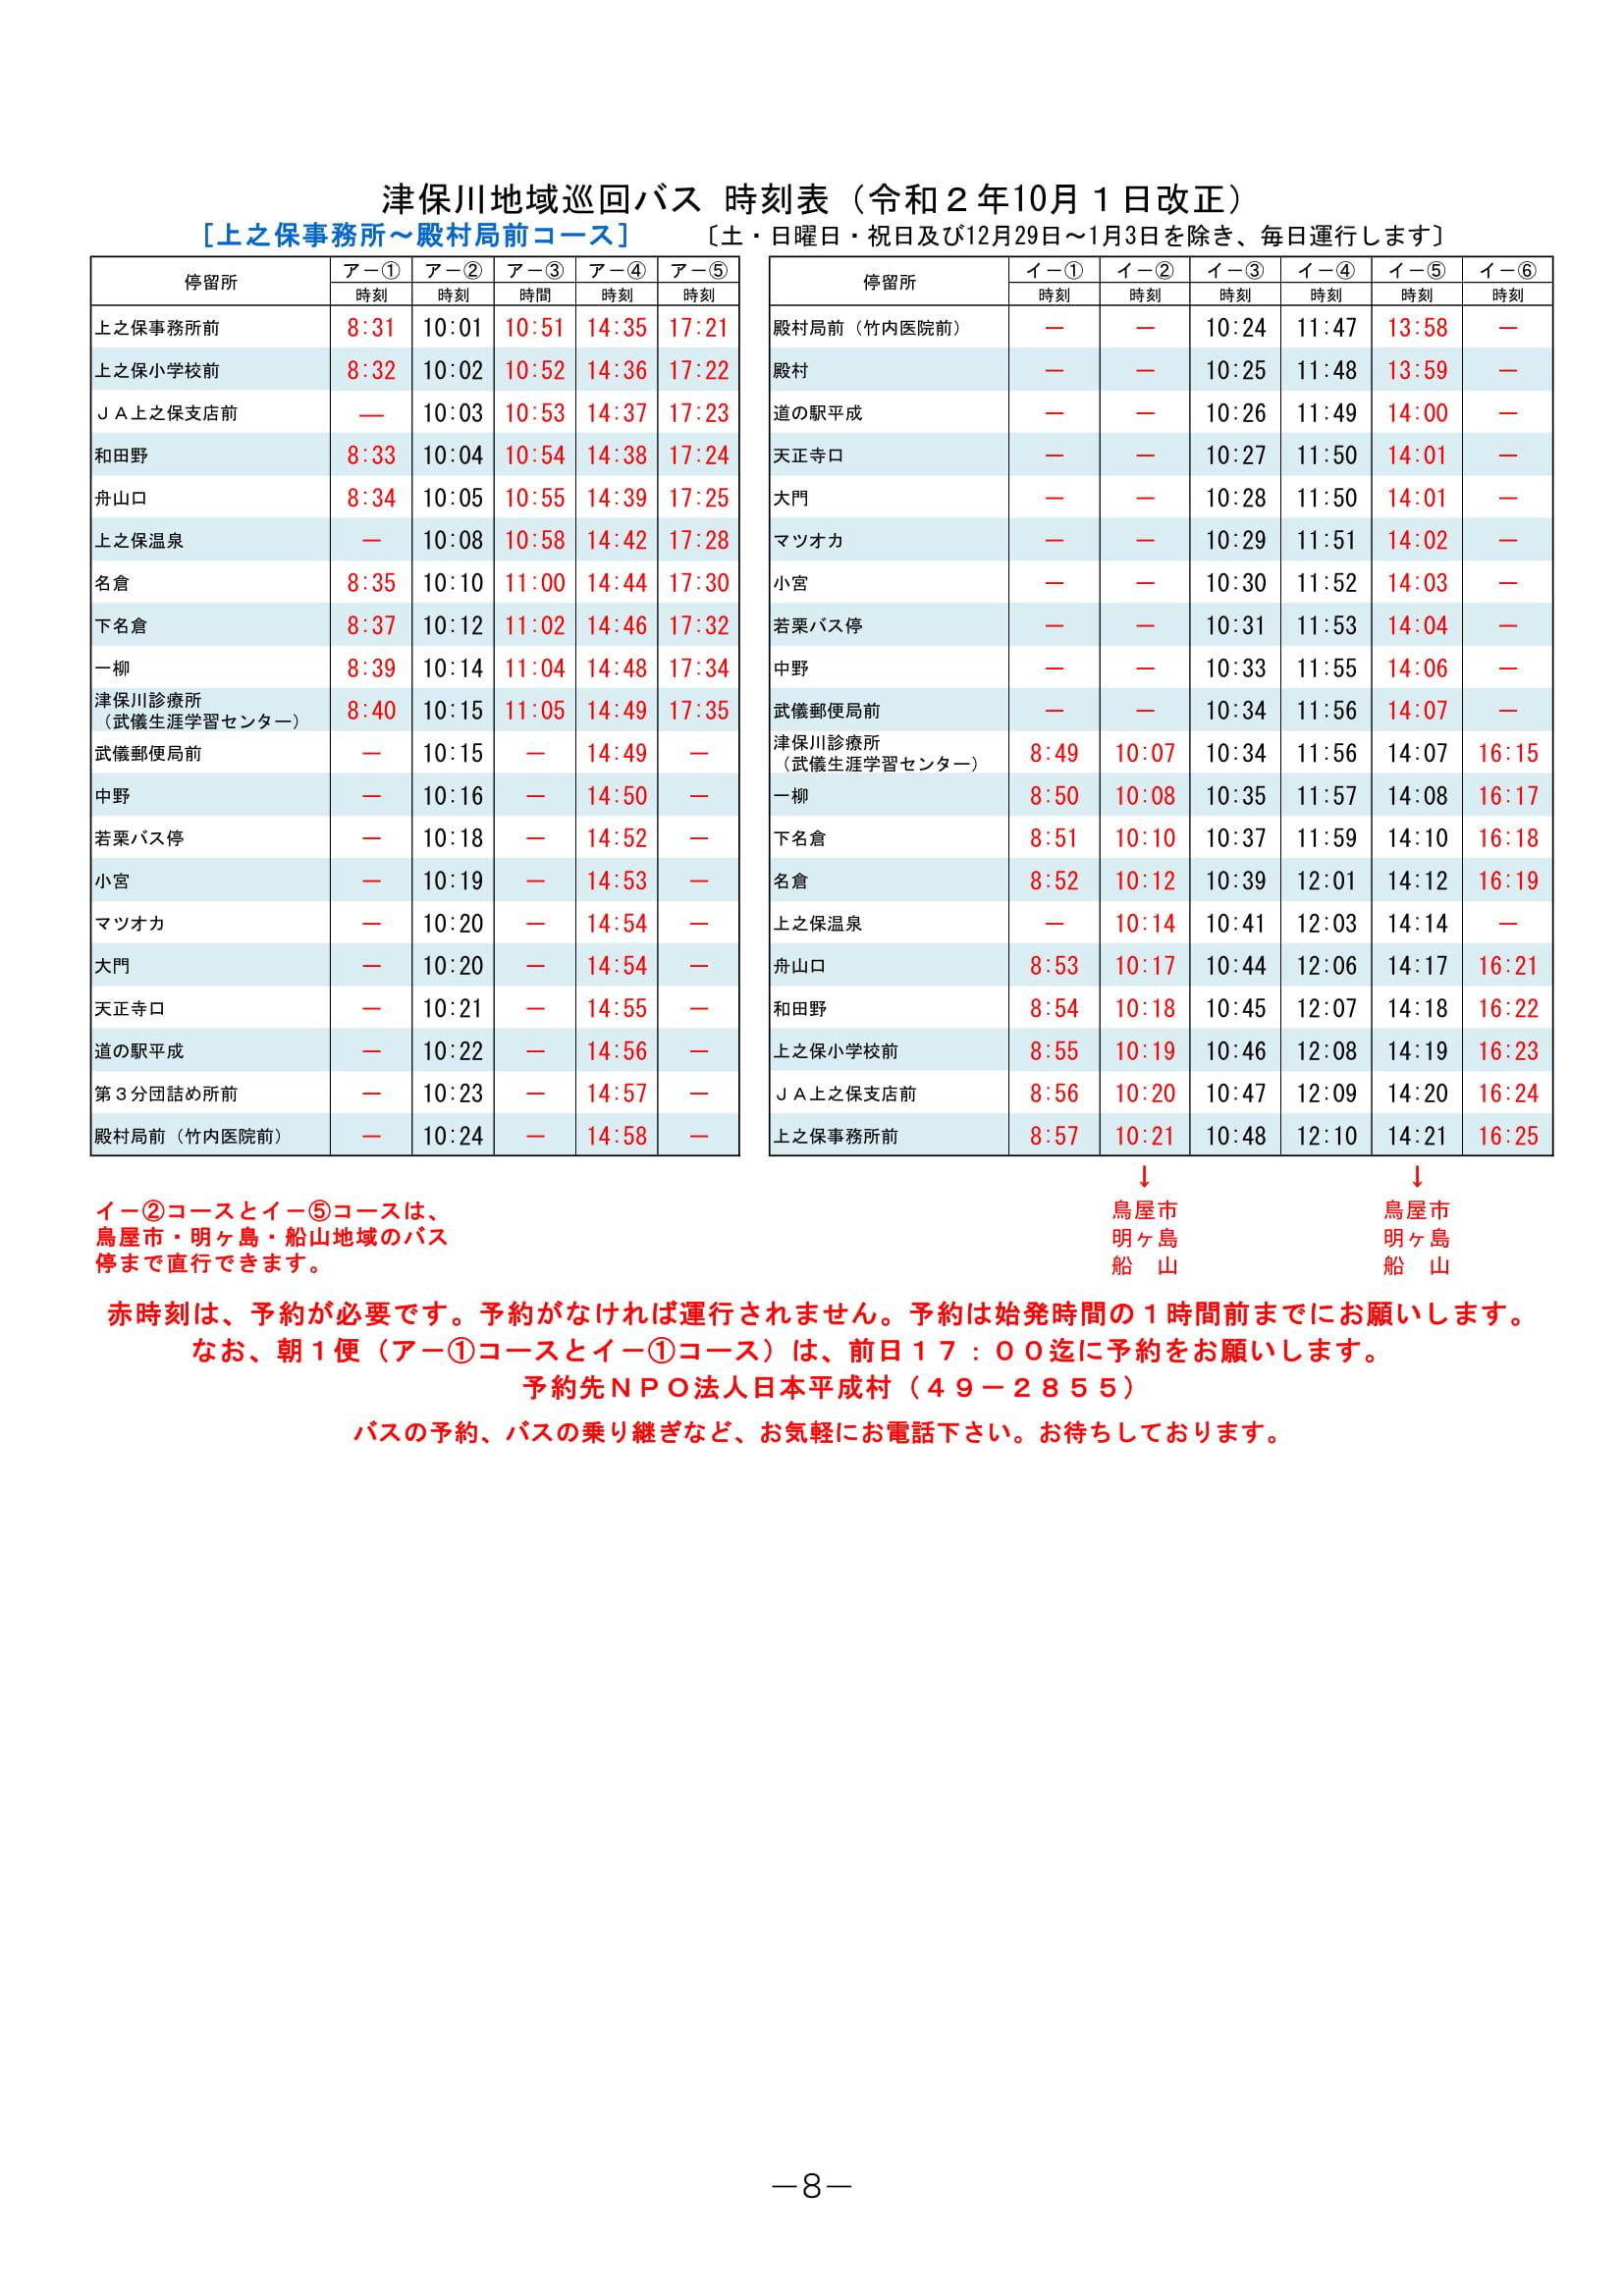 【上之保事務所~殿村局前コース】津保川地域バス時刻表(令和2年10月1日改正)